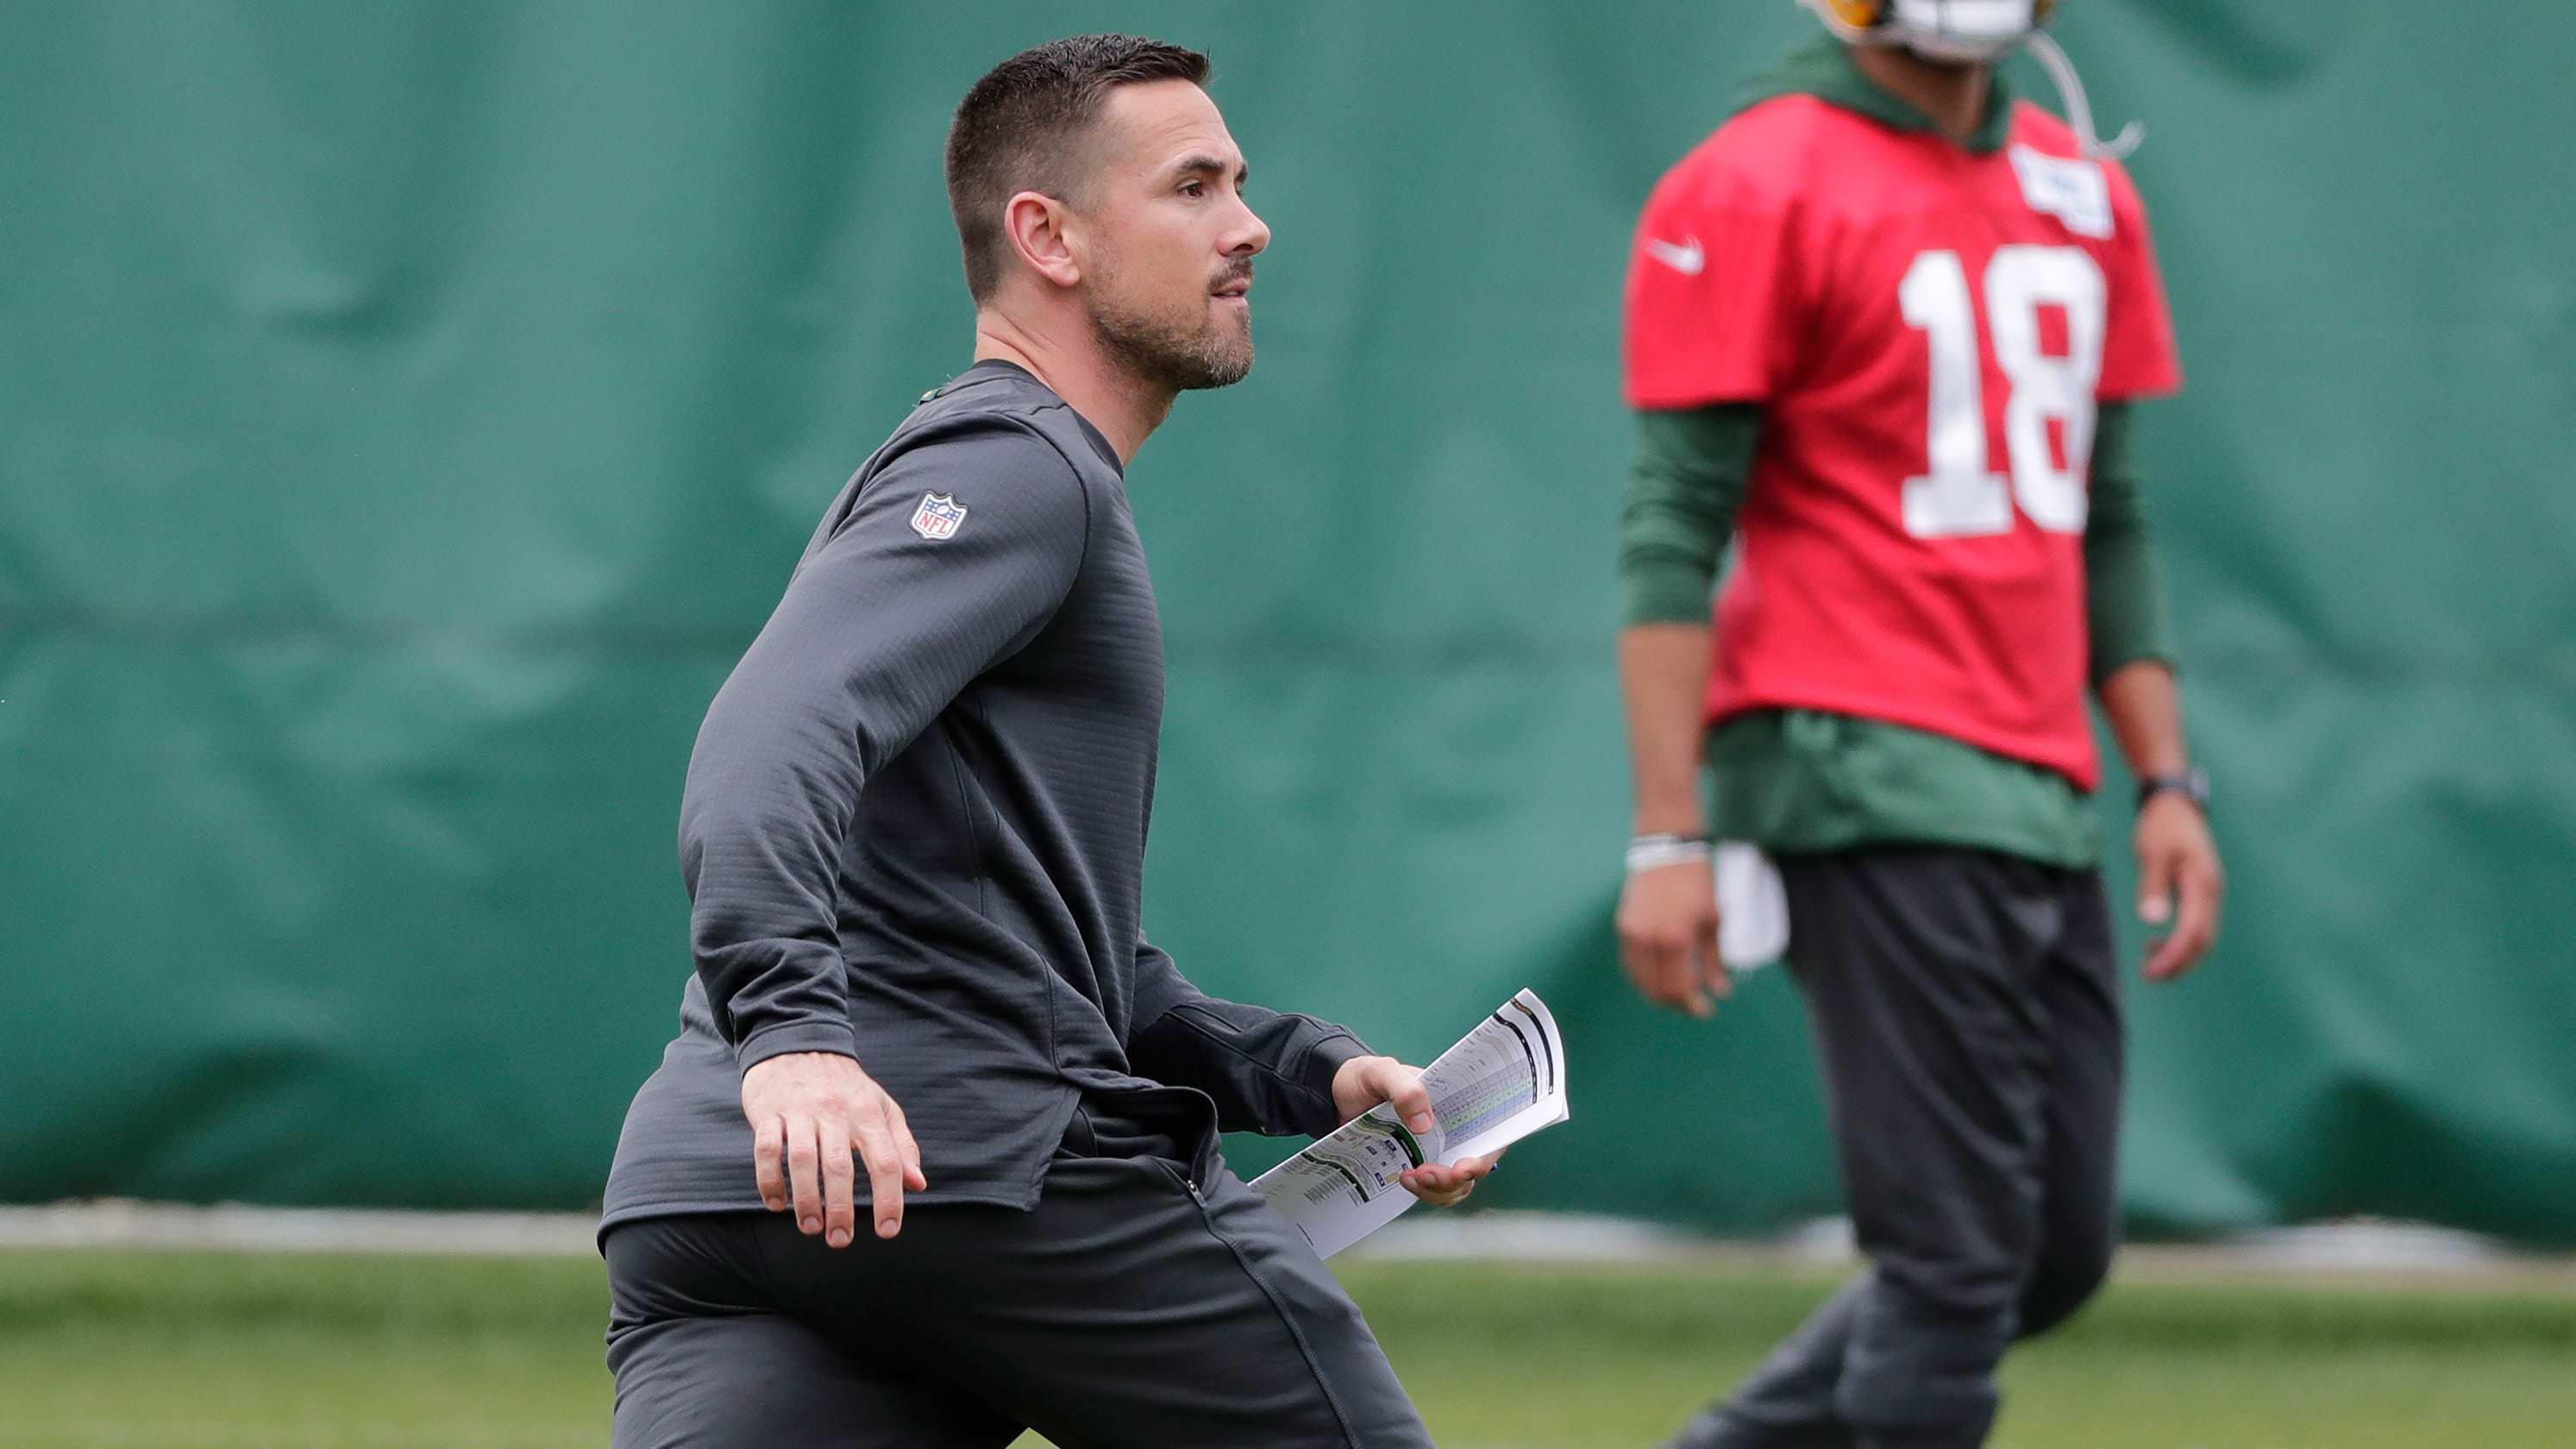 Matt LaFleur, treinador dos Packers, sofre um tendão de Aquiles rasgado a jogar basquetebol, por relatório